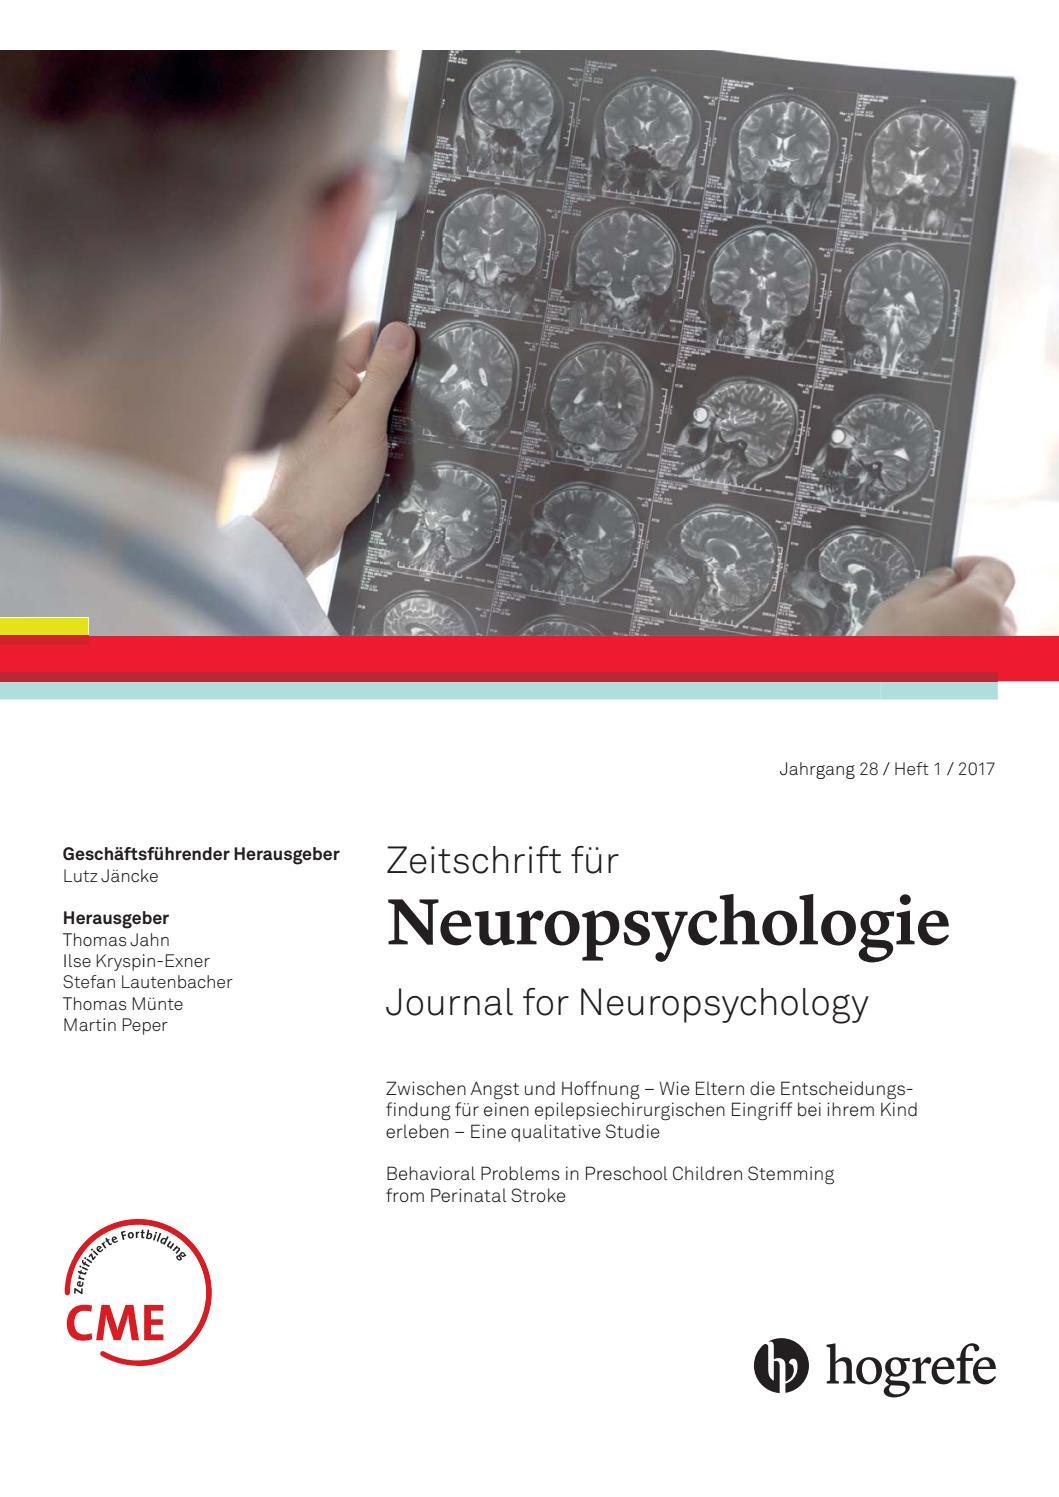 Leseprobe Z. f. Neuropsychologie 2018 by Hogrefe - issuu